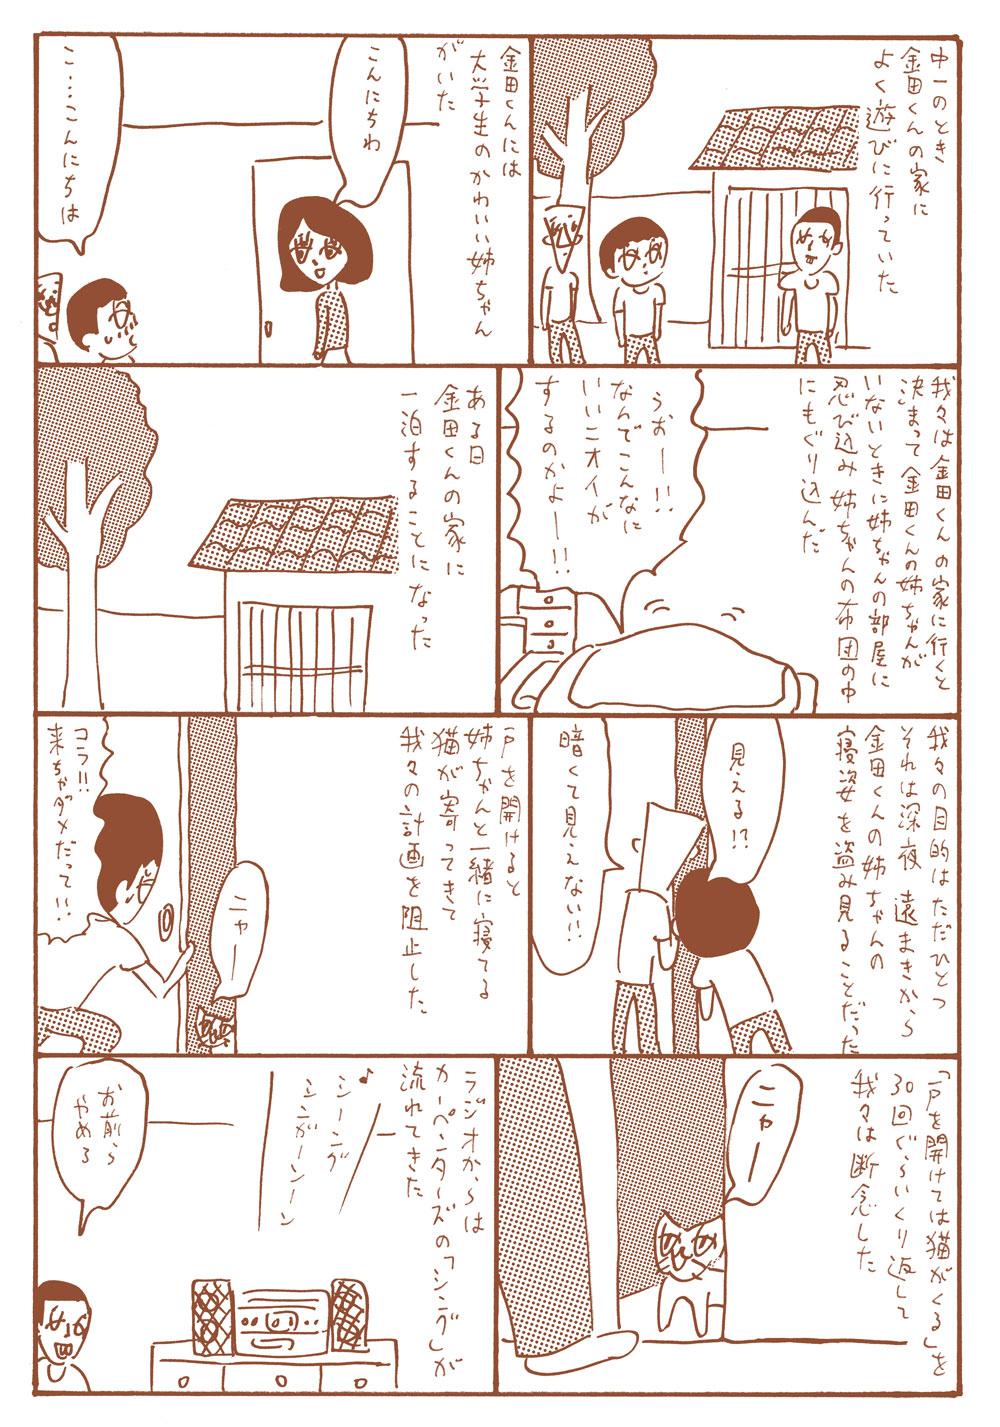 oohashi-hiroyuki-018